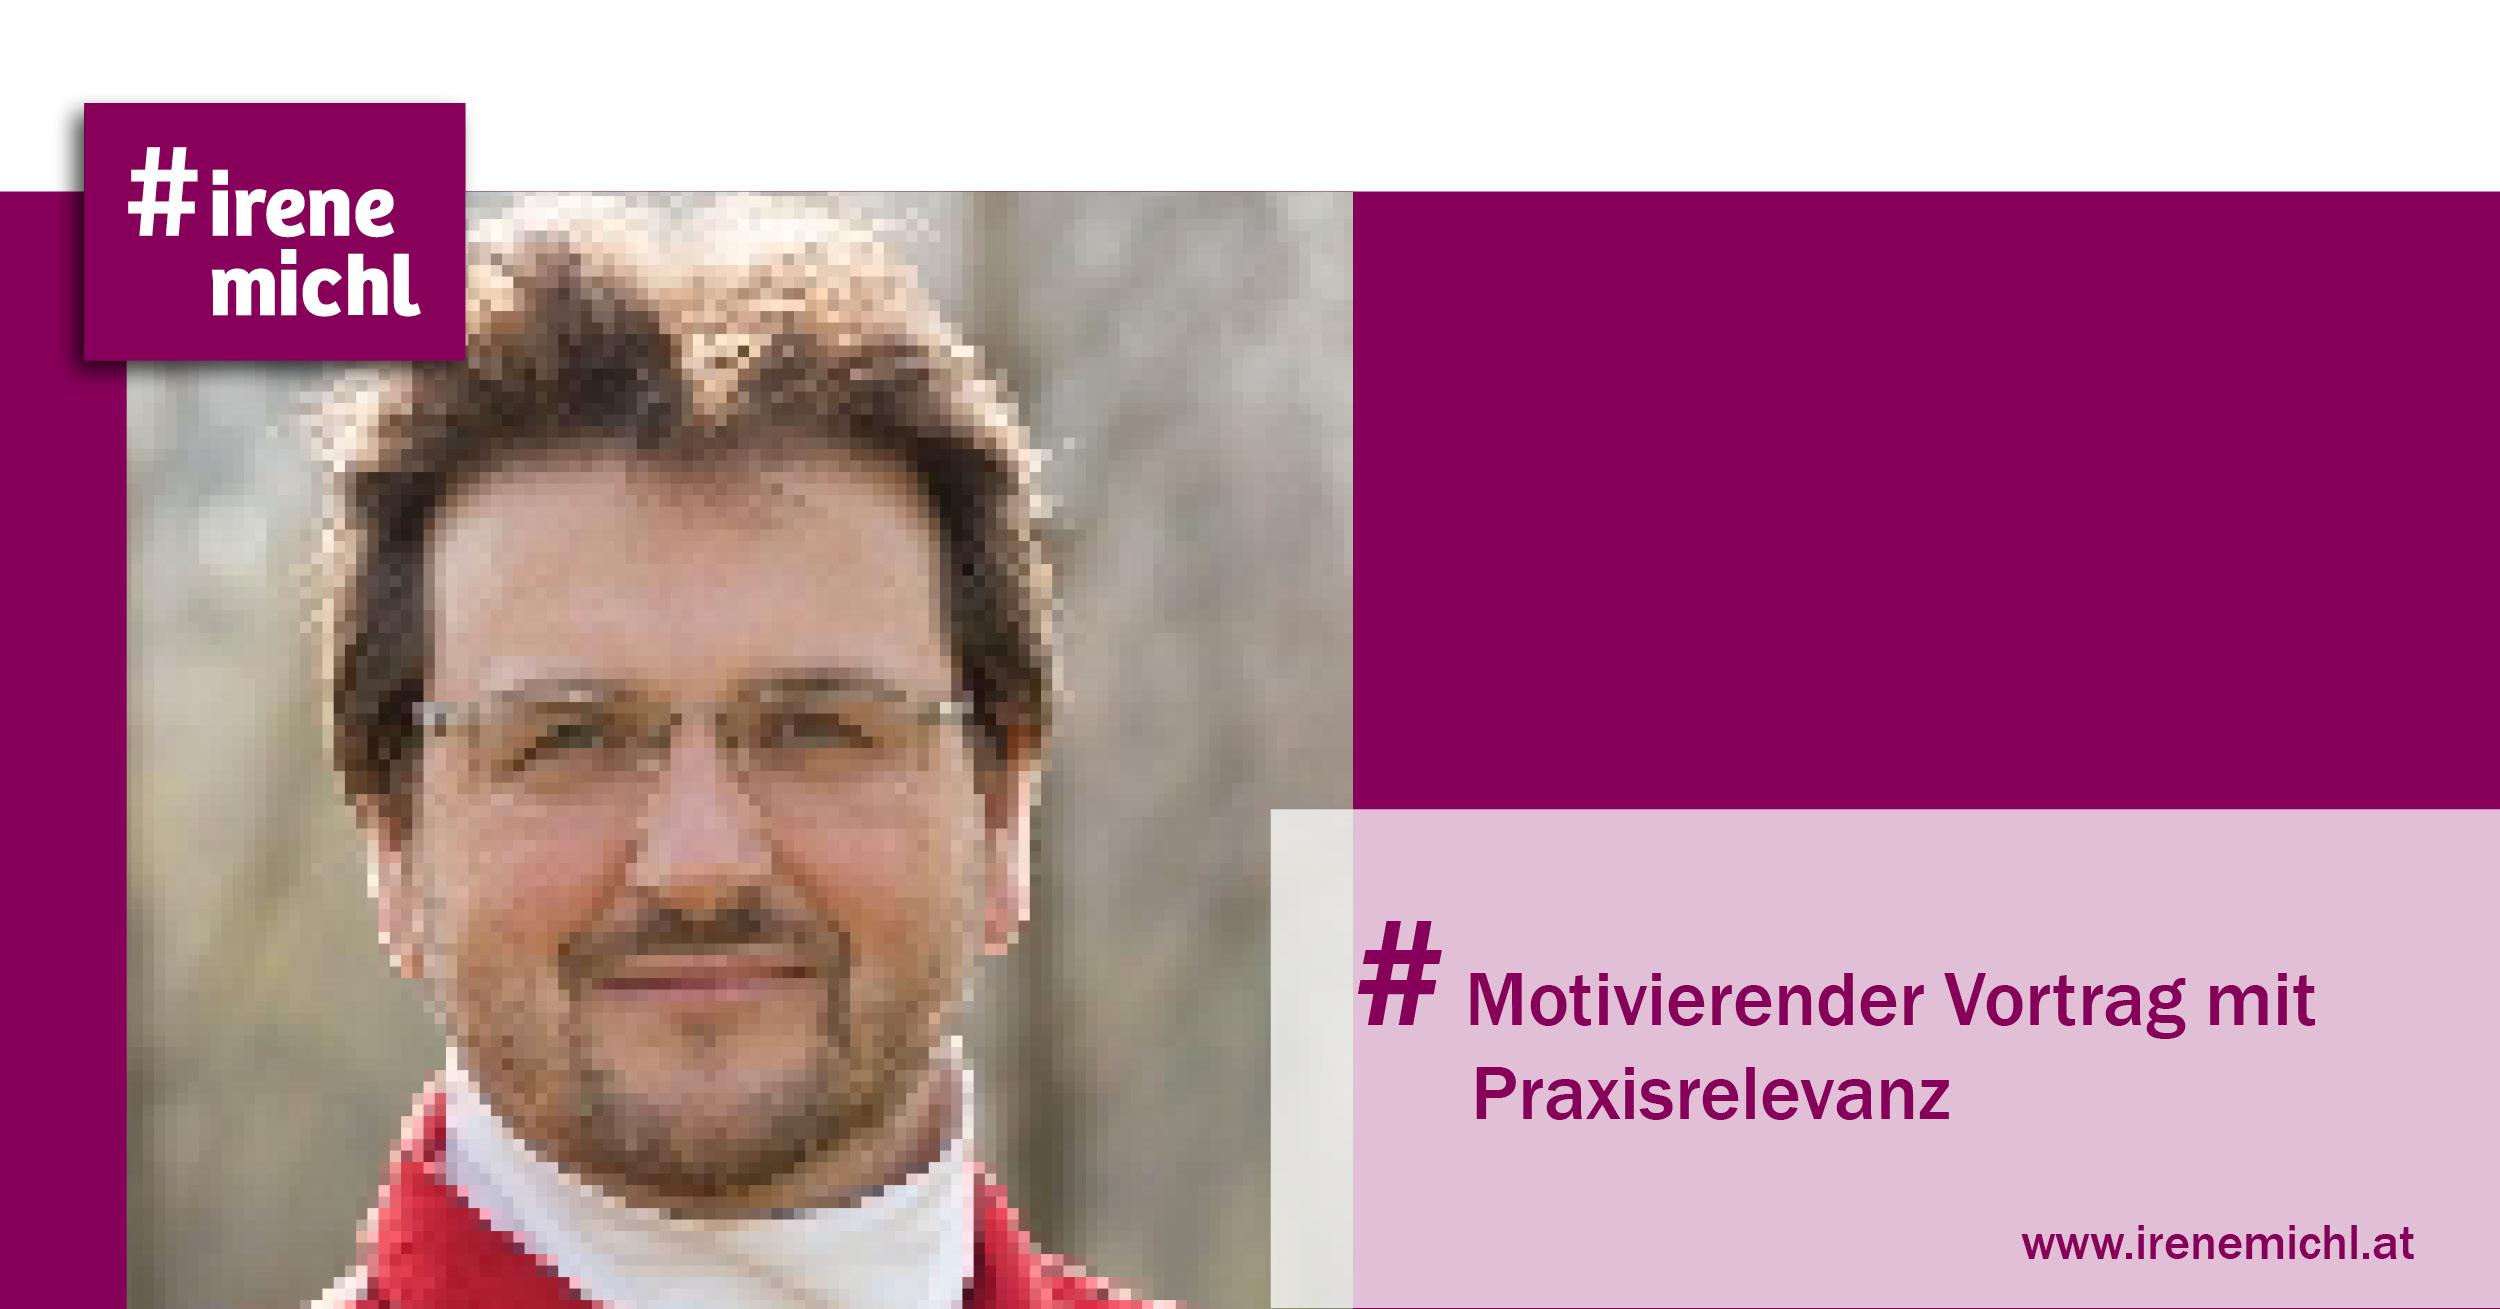 Facebook Referenz Karl Heinz Prentner-Sieghart - Referenz-Karl-Heinz-Prentner-Sieghart-20150529